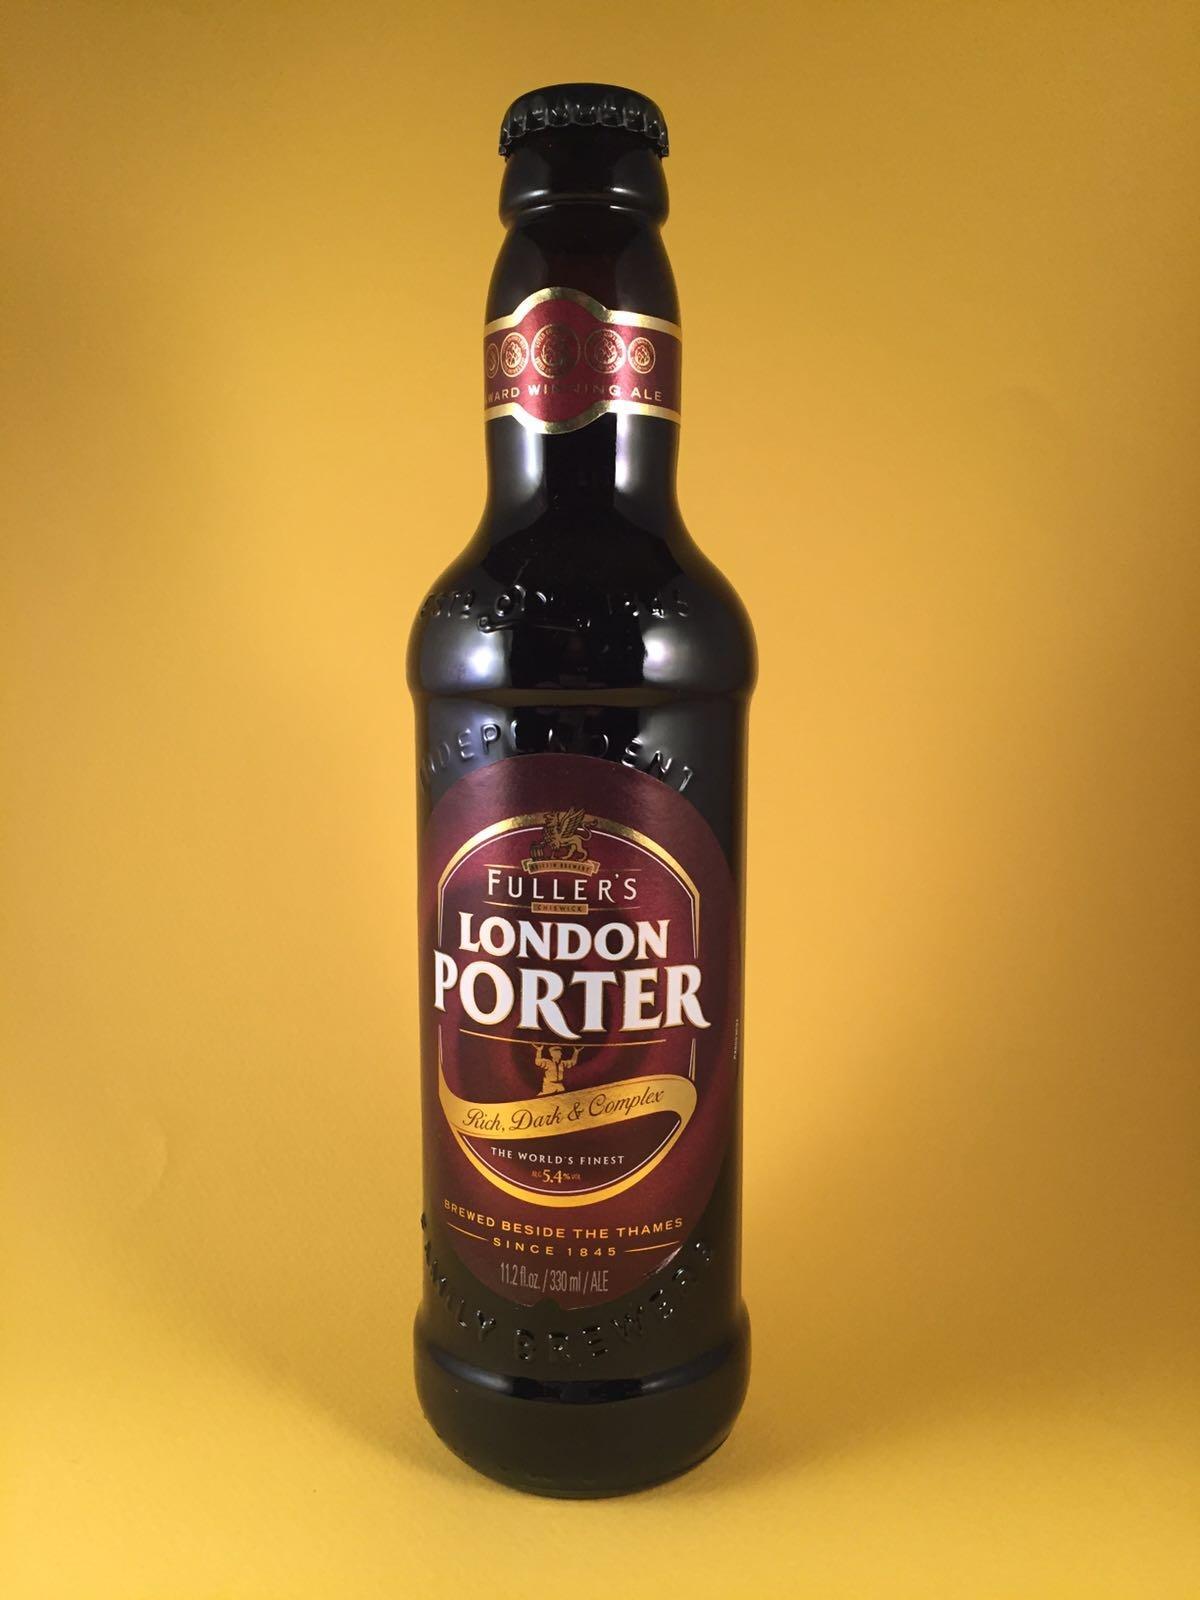 """London Porter Herkomst: Londen, Engeland Dit Engels bier heeft een donkere kleur en smaakt naar drop en laurier. Het bier komt uit Londen en is benoemd naar de straat en rivier """"Porter"""". Het bier bevat een alcoholpercentage van: 5,4%. Serveeradvies: Tussen 8 en 10 graden."""